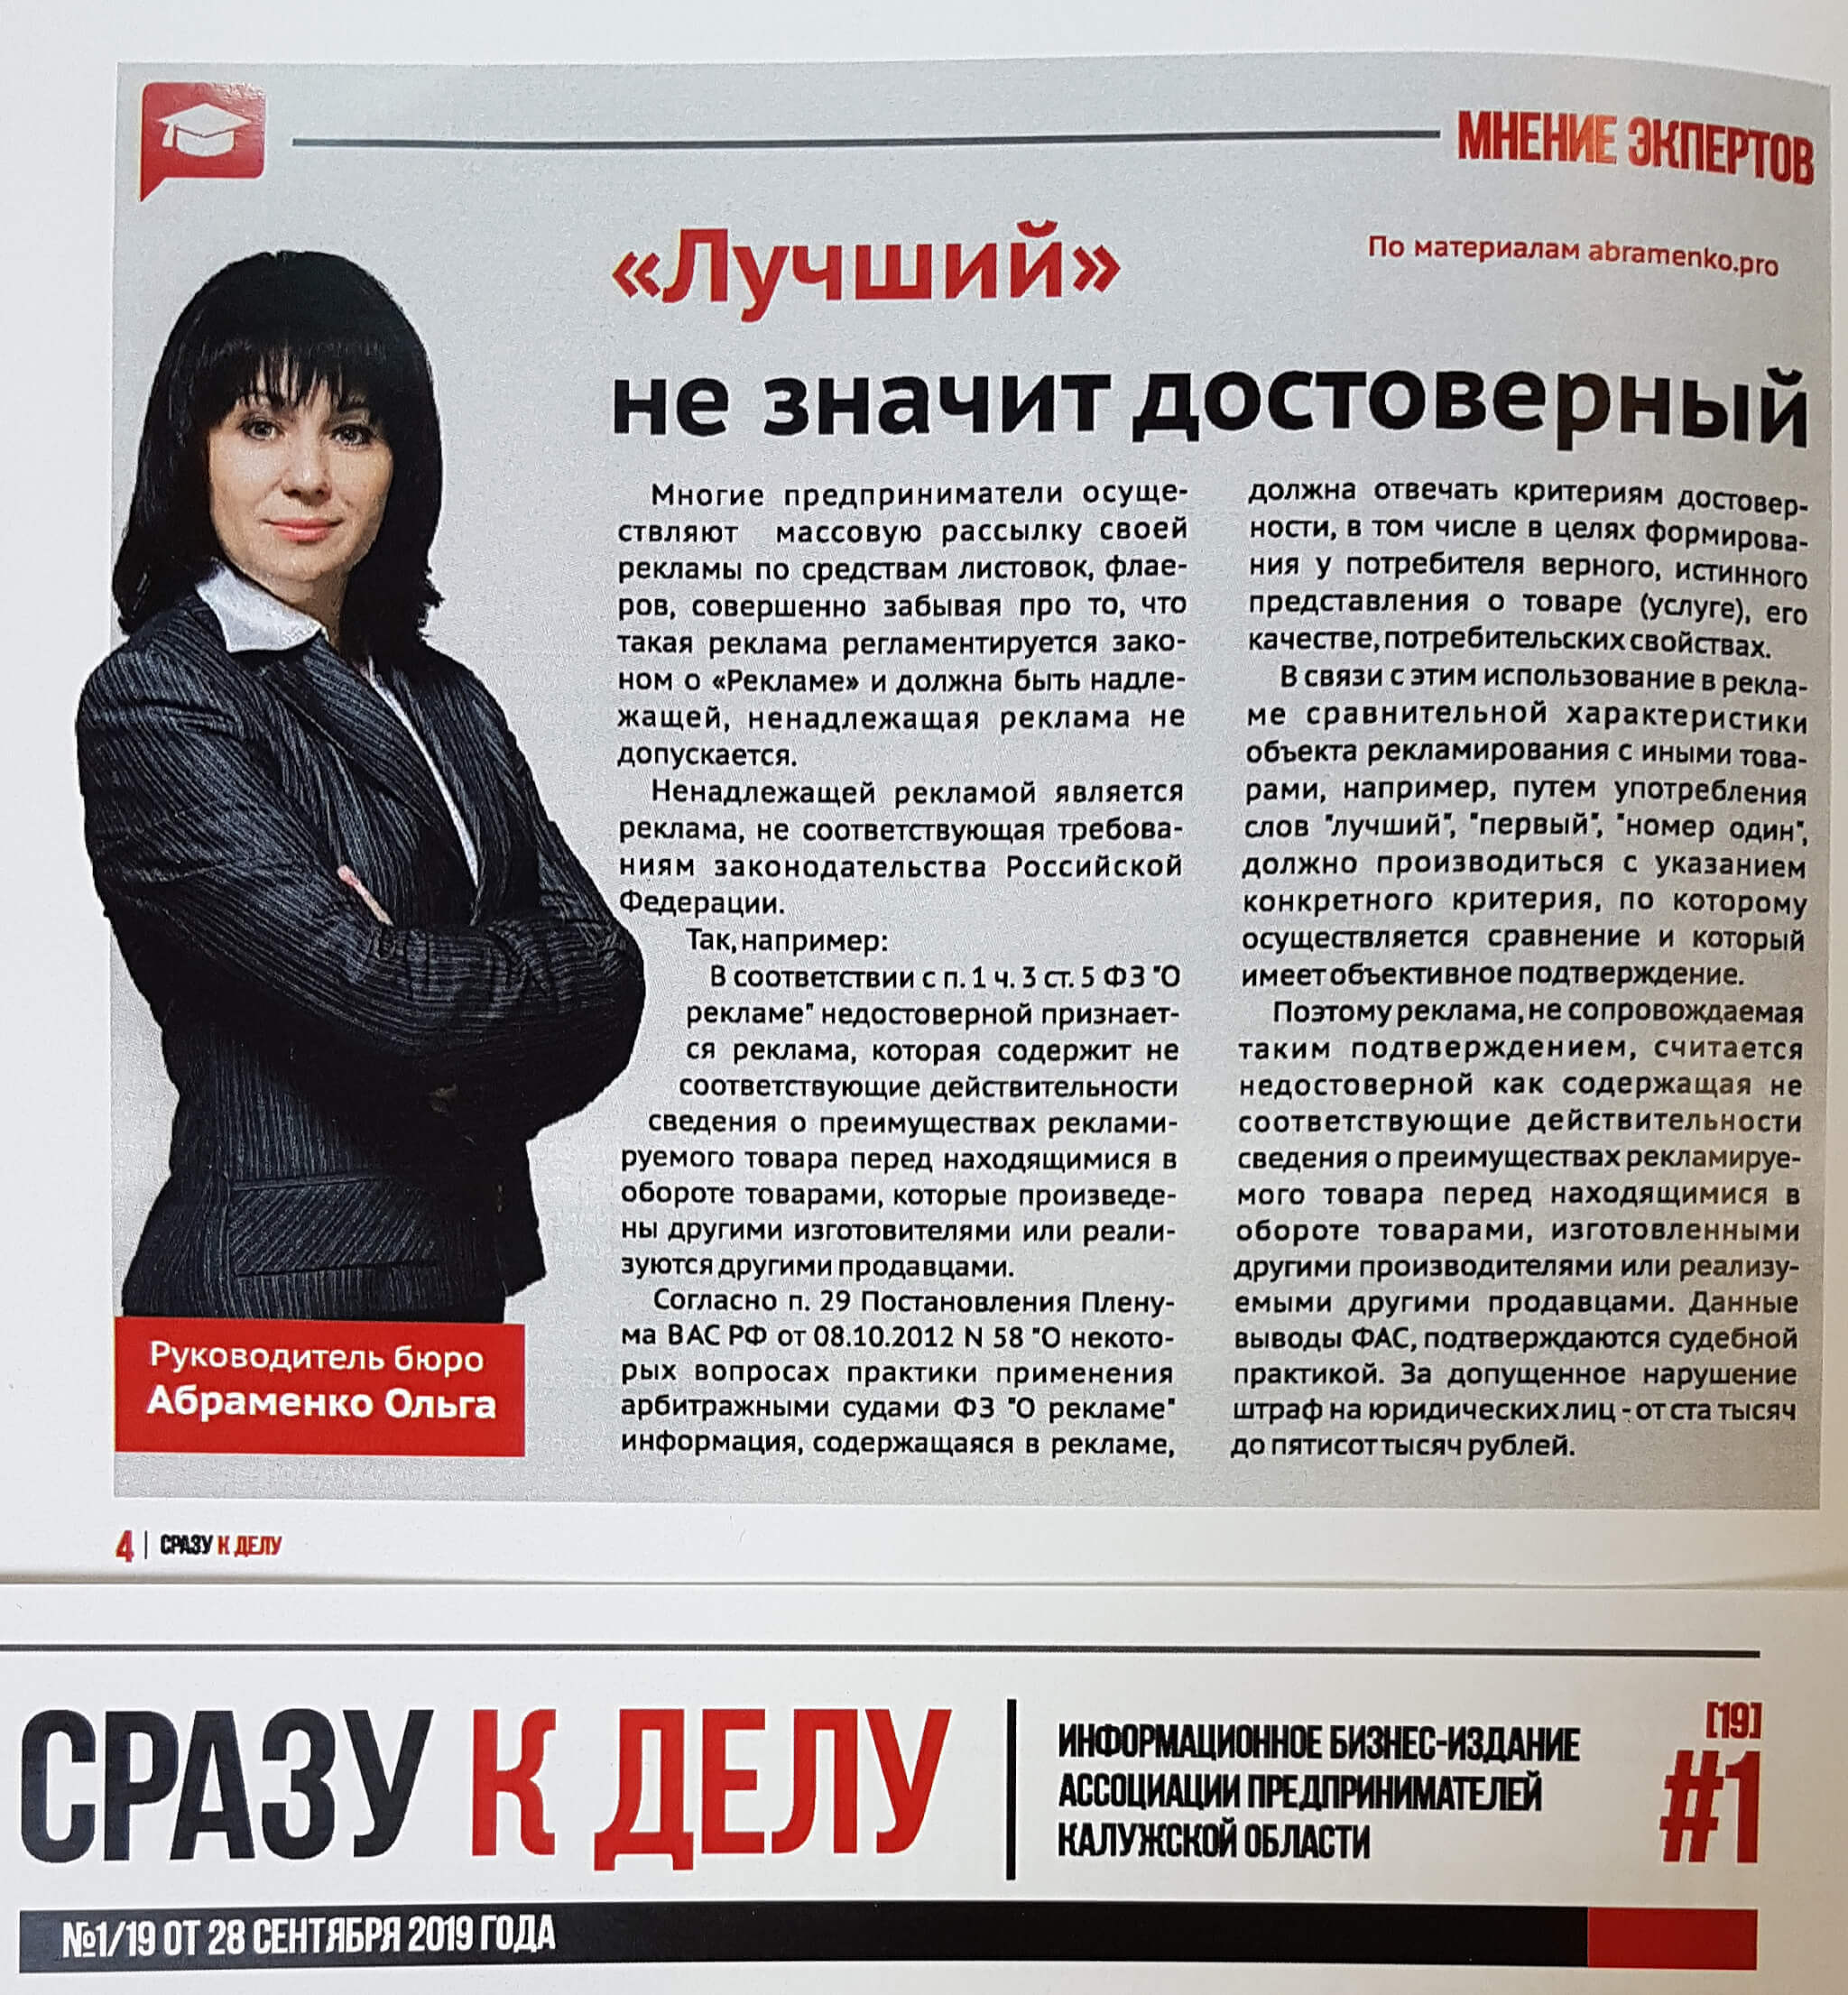 Вышла публикация Ольги Абраменко, в информационном бизнес-издании Ассоциации предпринимателей Калужской области «Сразу к делу».